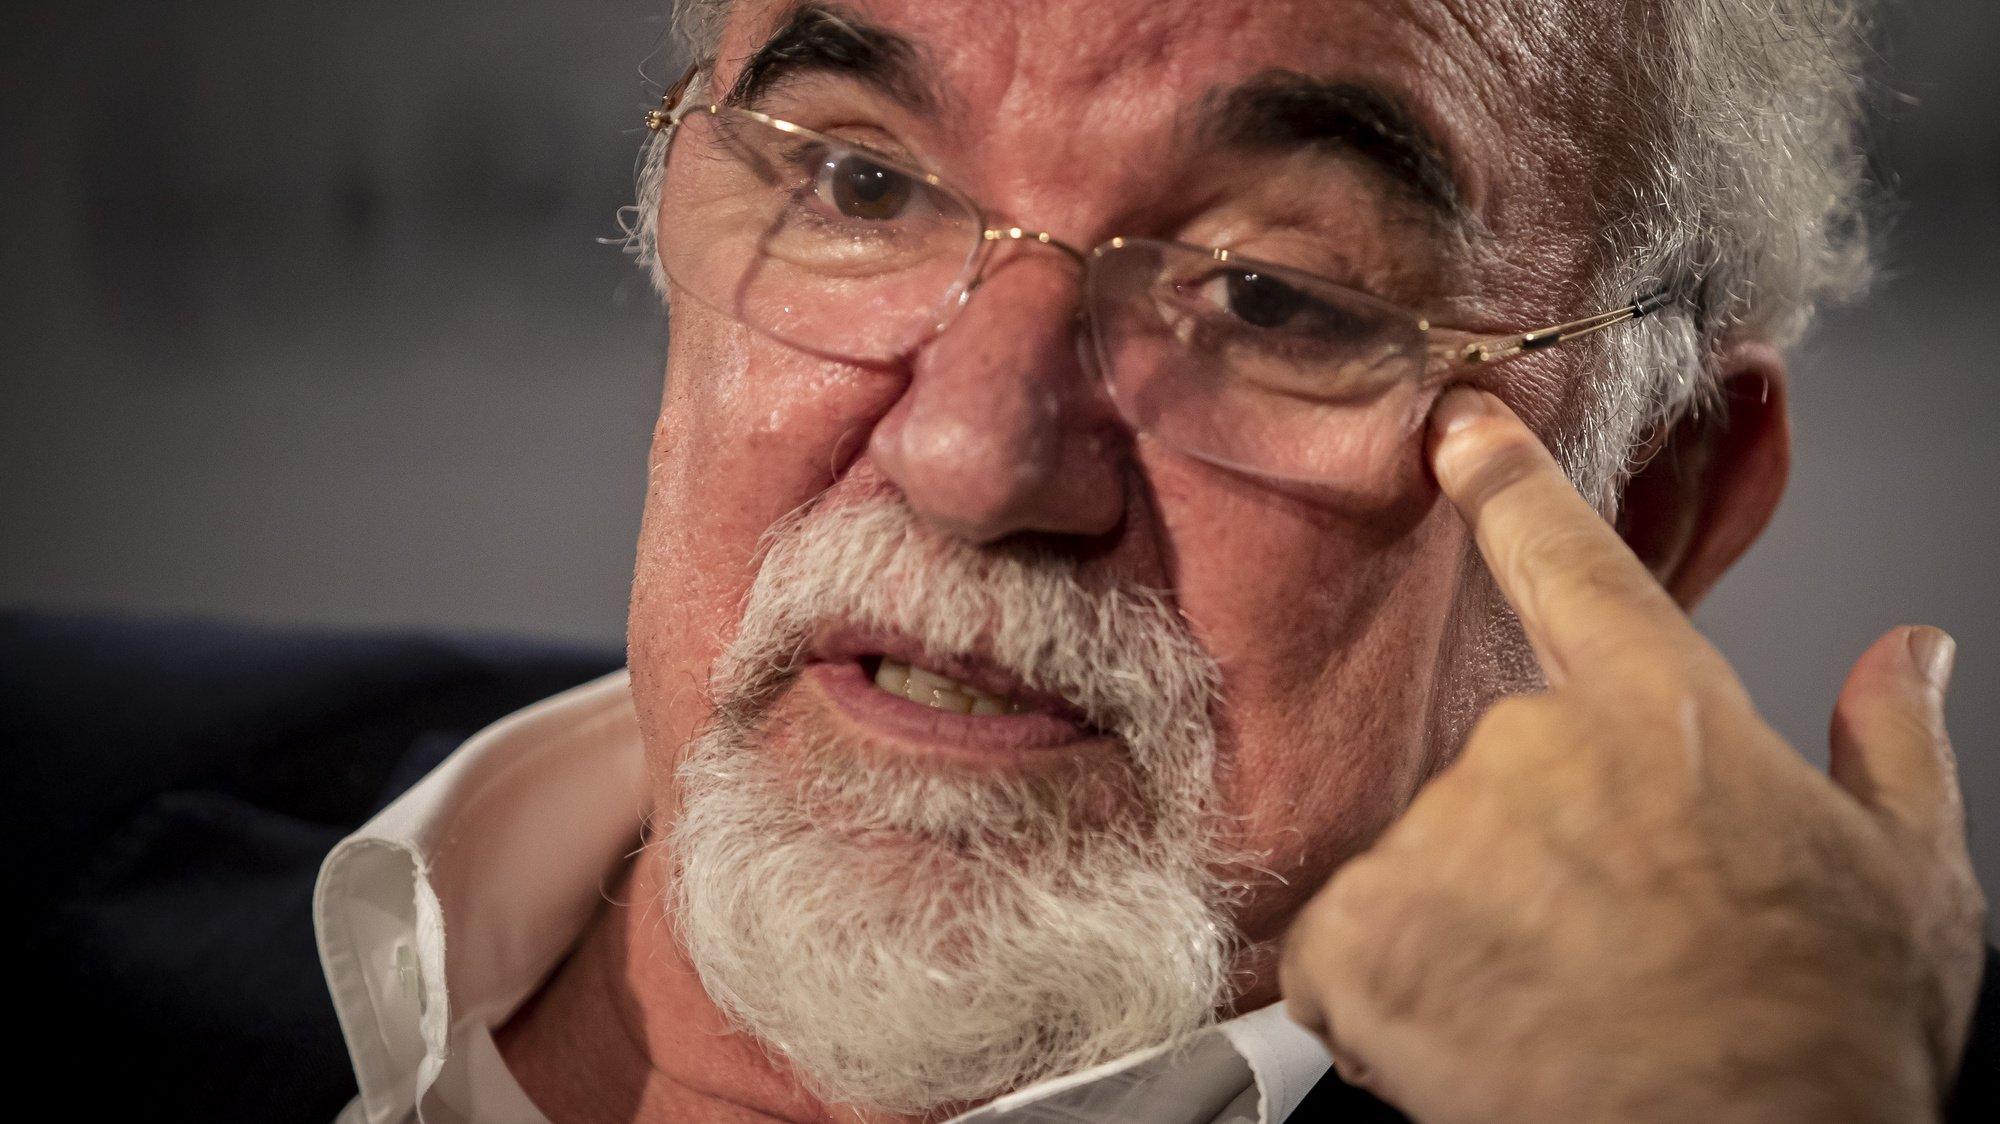 José António Vieira da Silva, ex-ministro do Trabalho e conselheiro da Comissão Europeia para os direitos sociais durante a presidência portuguesa da UE, no primeiro semestre de 2021, fala durante uma entrevista à Lusa, na sede da agência, em Lisboa, 25 de novembro de 2020. (ACOMPANHA TEXTO DA LUSA DO DIA 28 DE NOVEMBRO DE 2020). JOSÉ SENA GOULÃO/LUSA